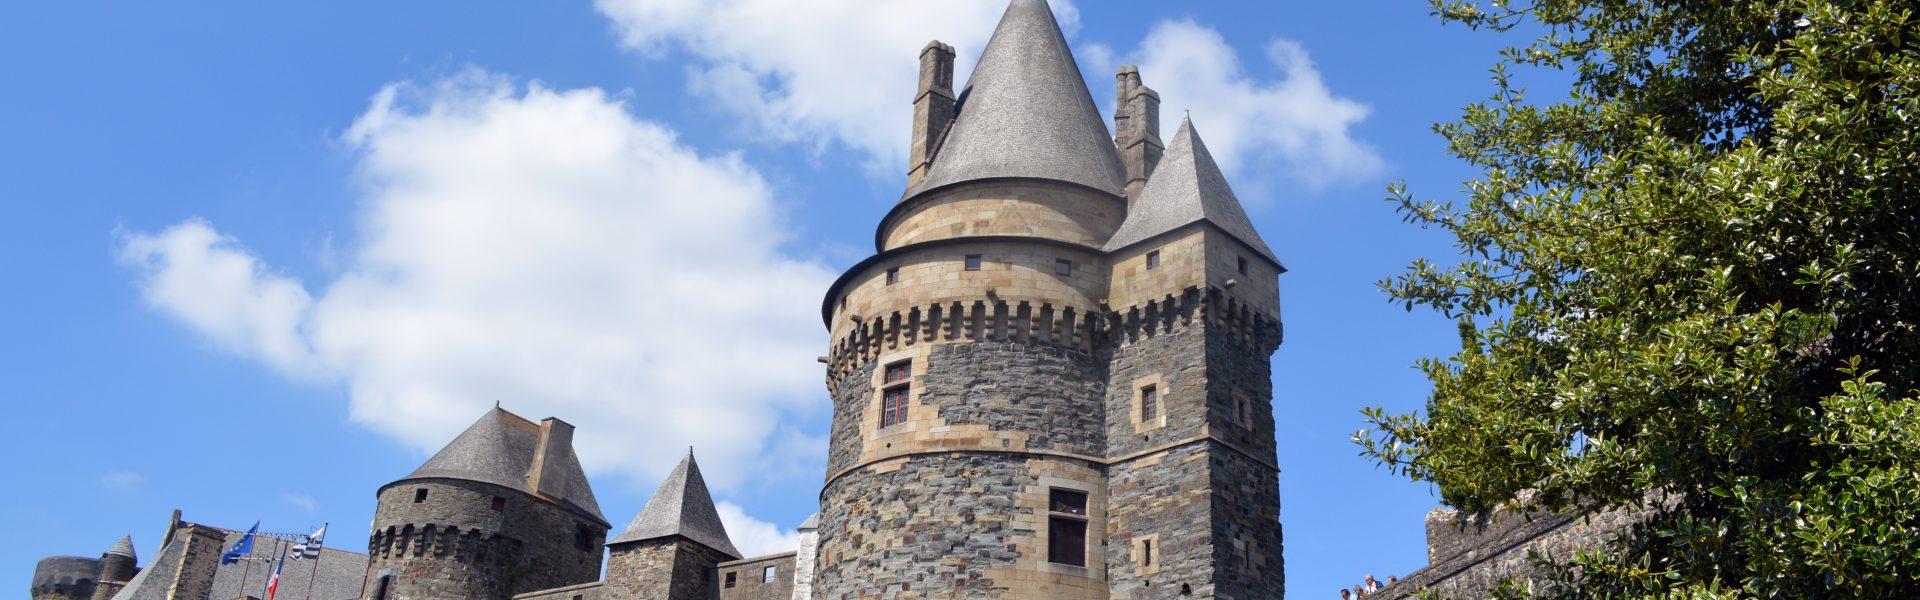 Castelo de Vitré